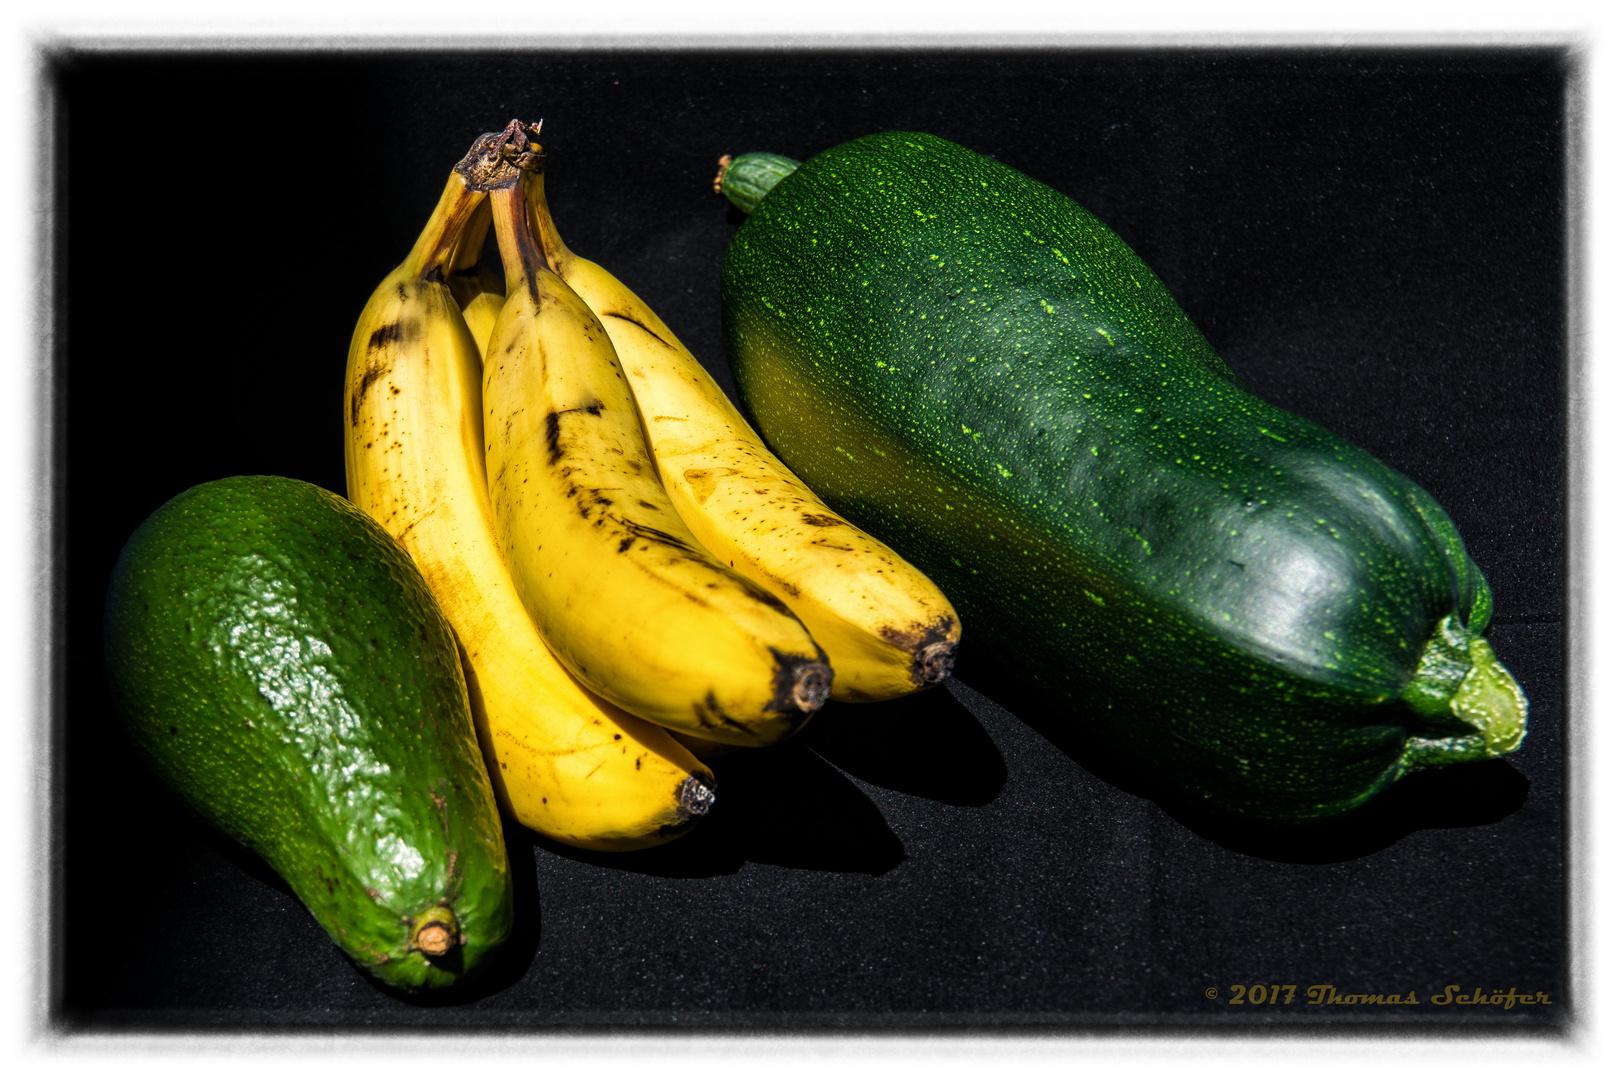 avocado bananen und bonsai zucchini foto bild stillleben essen trinken obst gem se. Black Bedroom Furniture Sets. Home Design Ideas